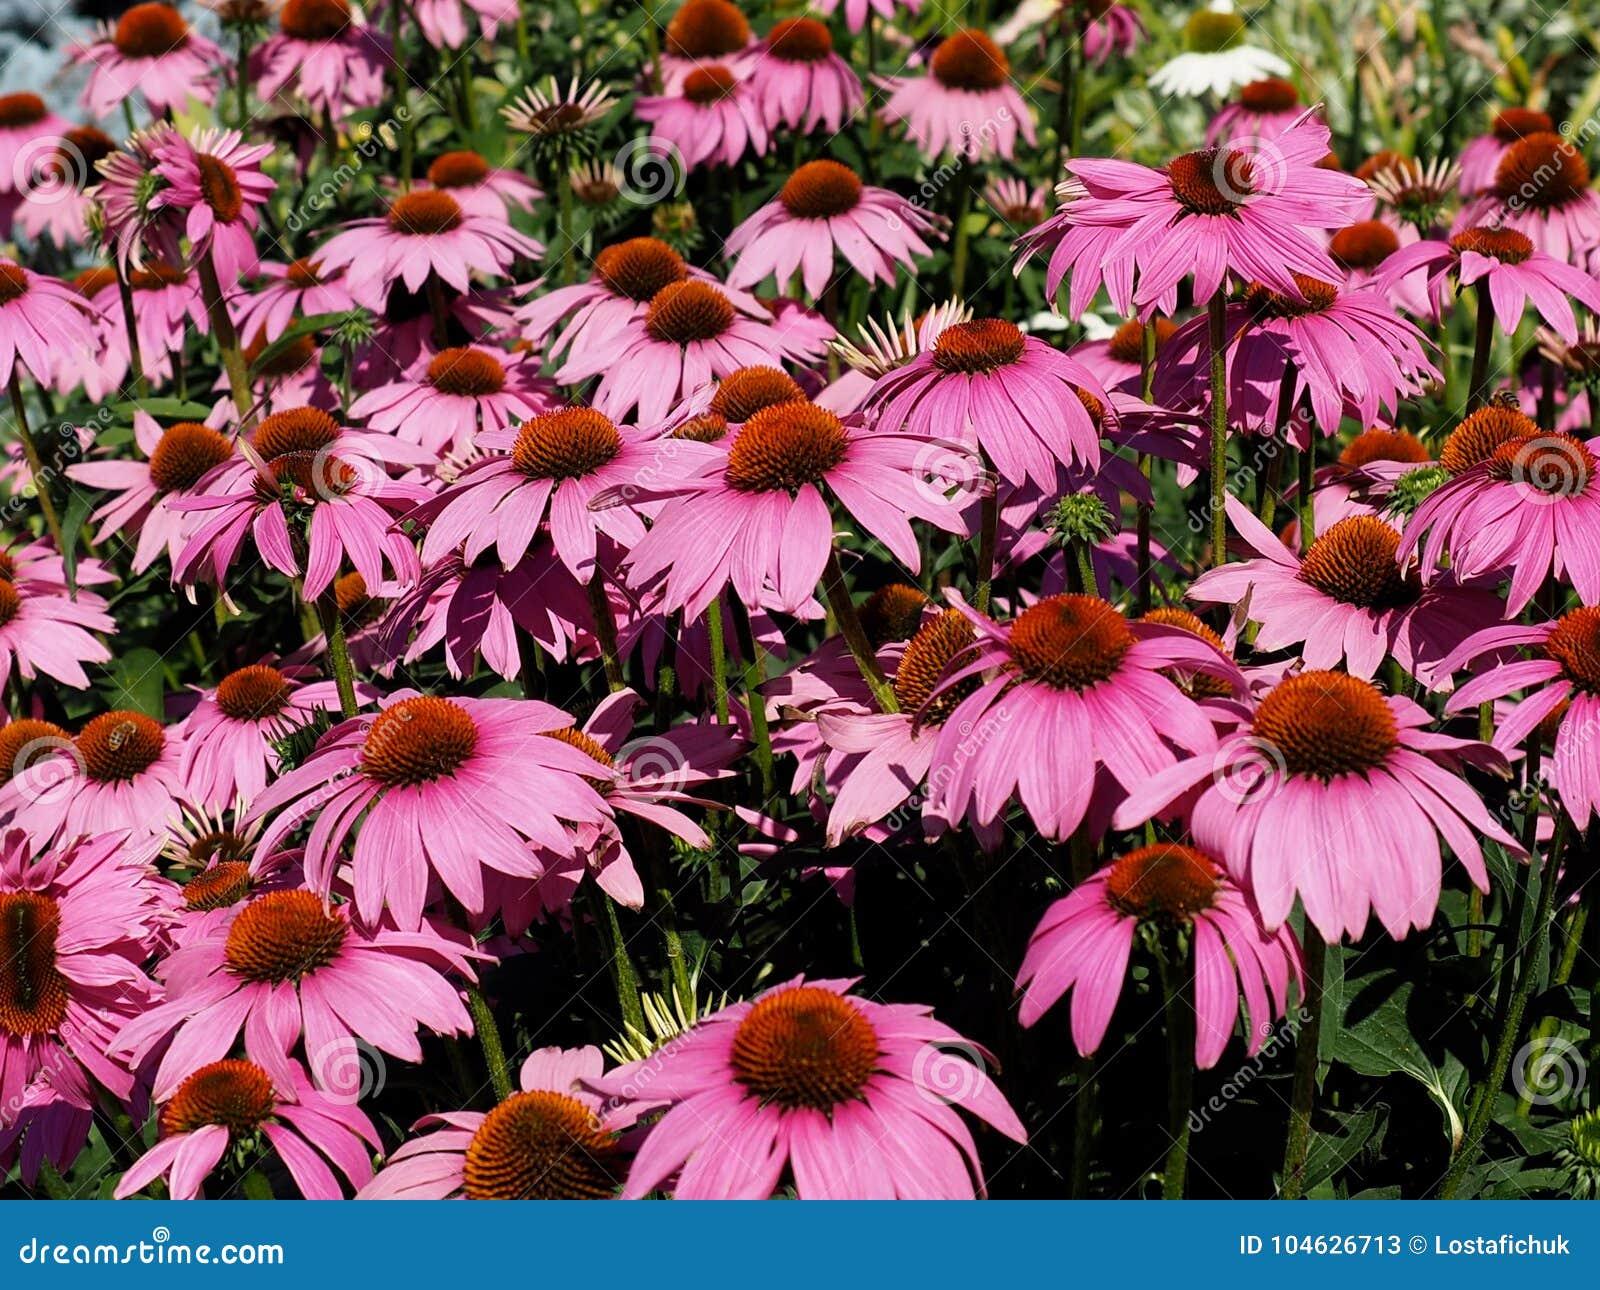 Download Echinacea Purpurea Of Purpere Kegelbloem Stock Afbeelding - Afbeelding bestaande uit installatie, geneeskrachtig: 104626713